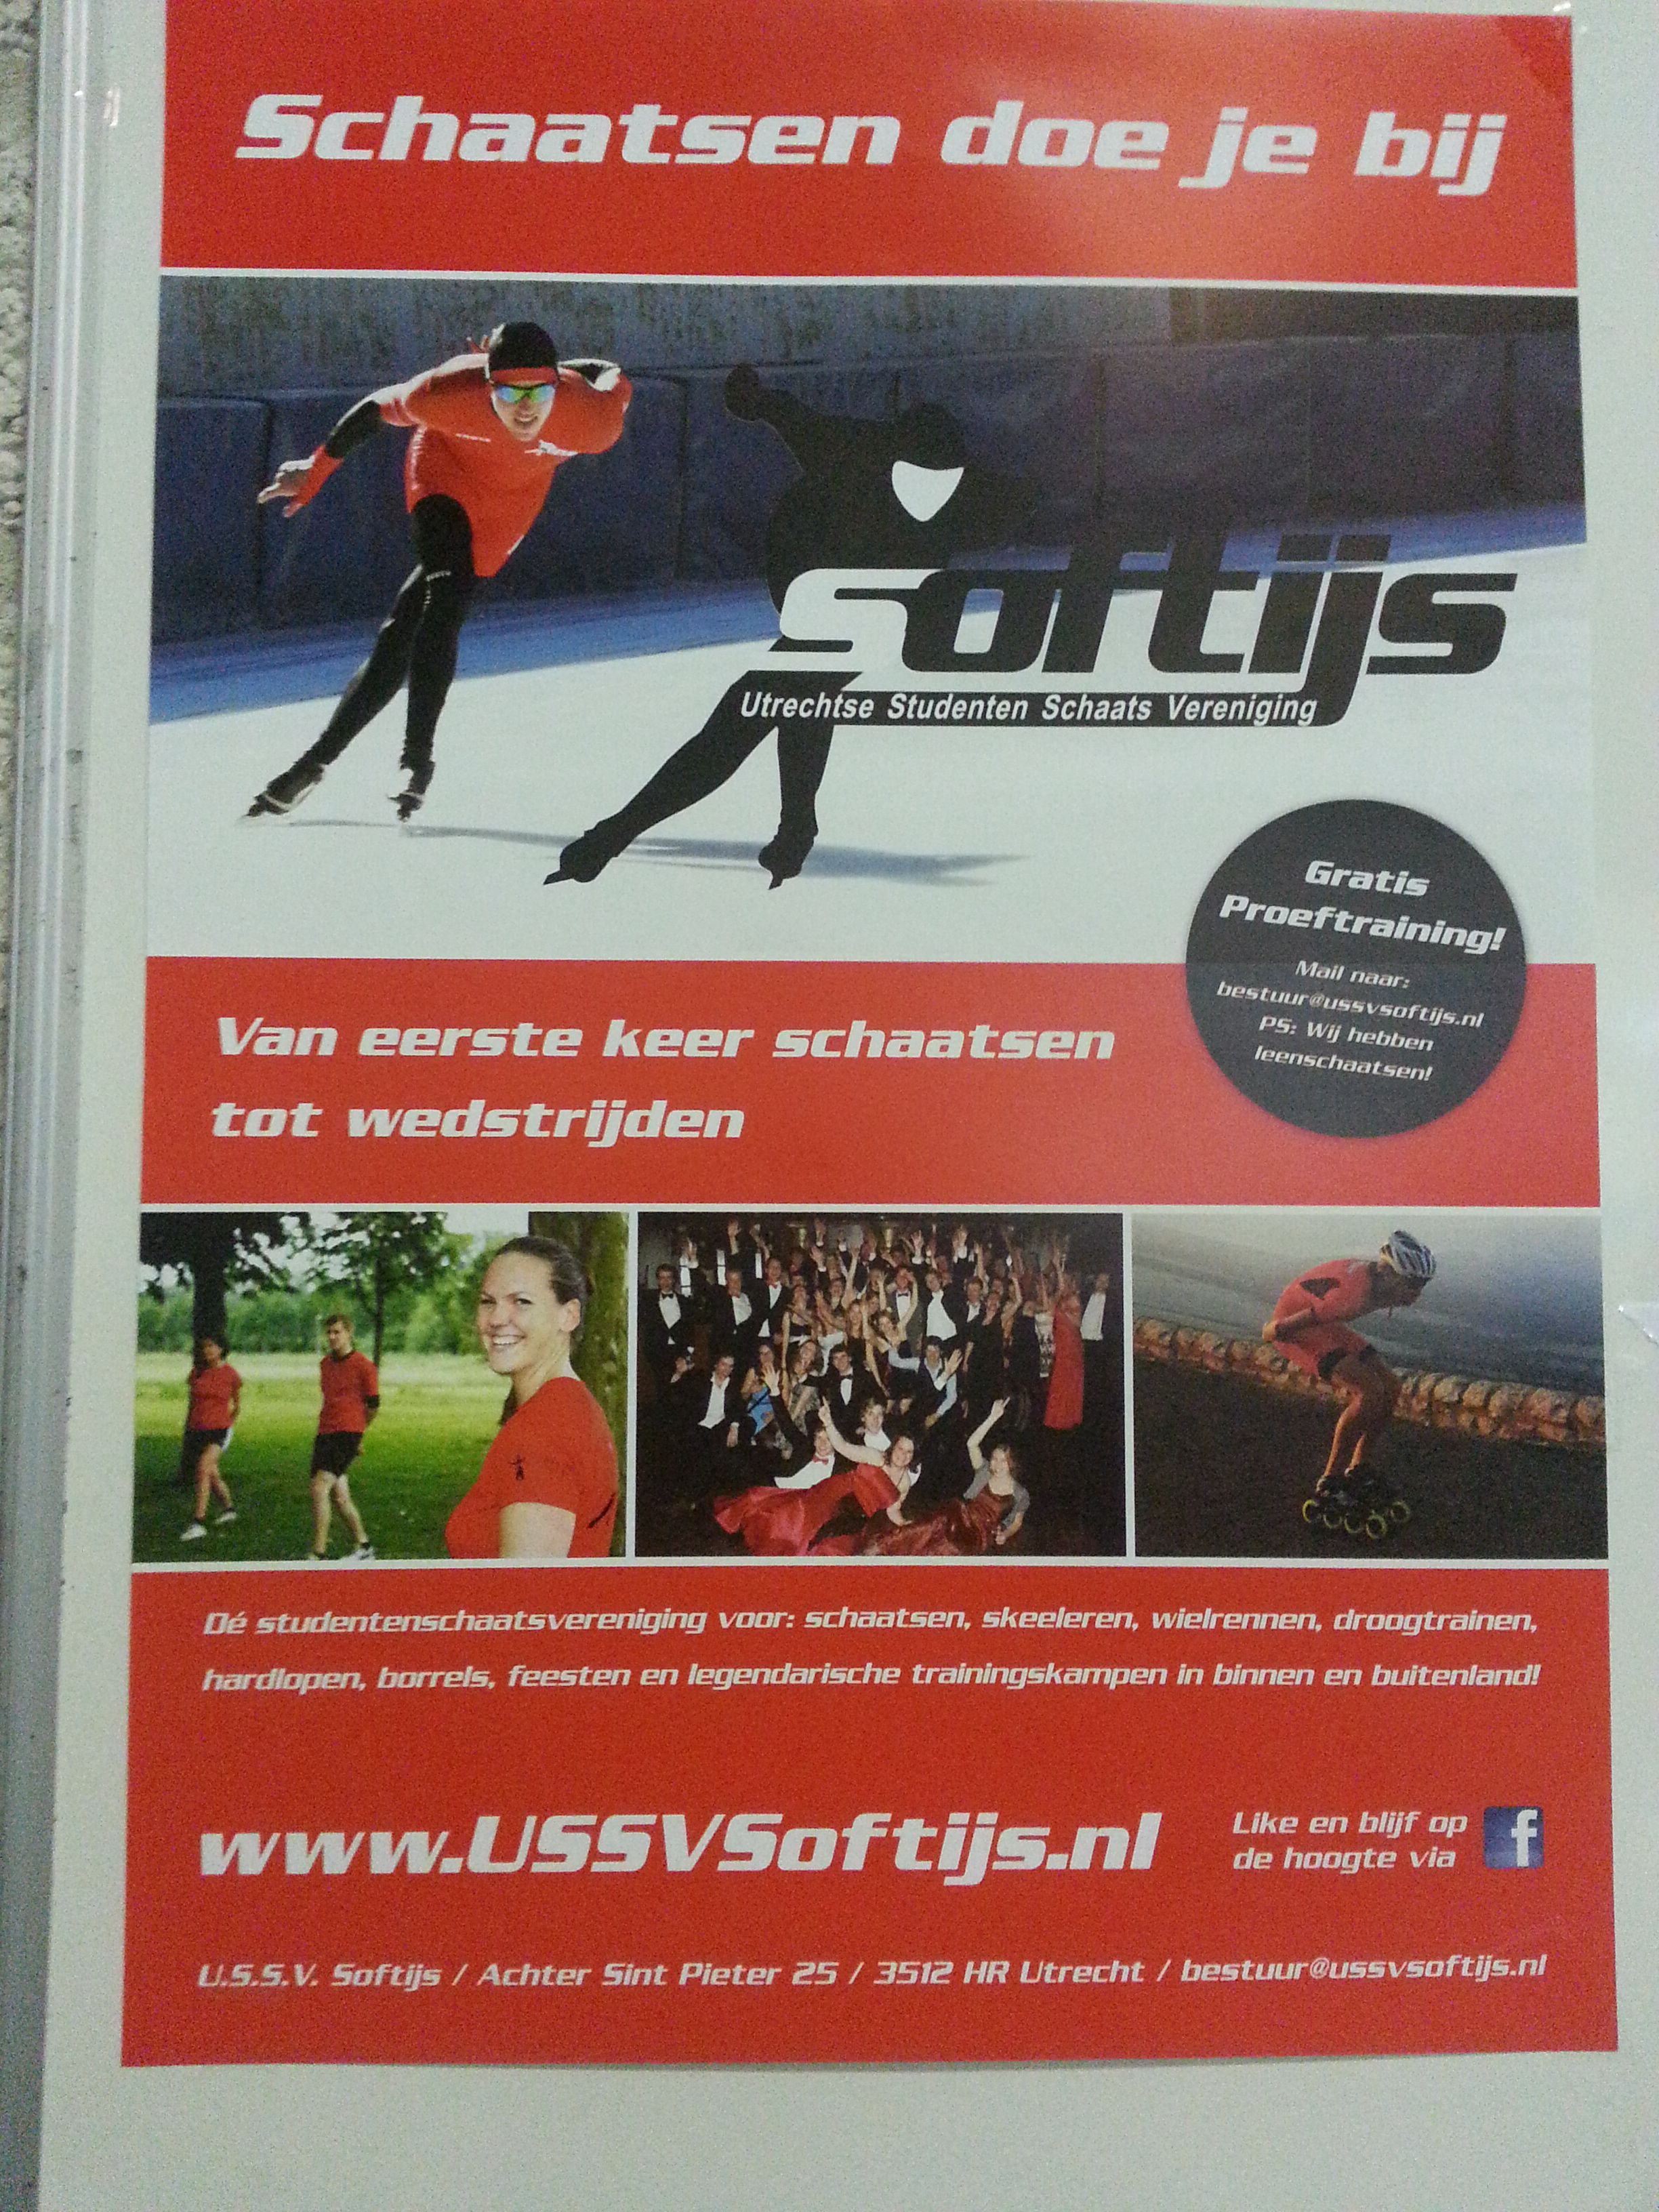 Flyer van de schaatsvereniging. Mooie foto's, duidelijk, niet te veel tekst.